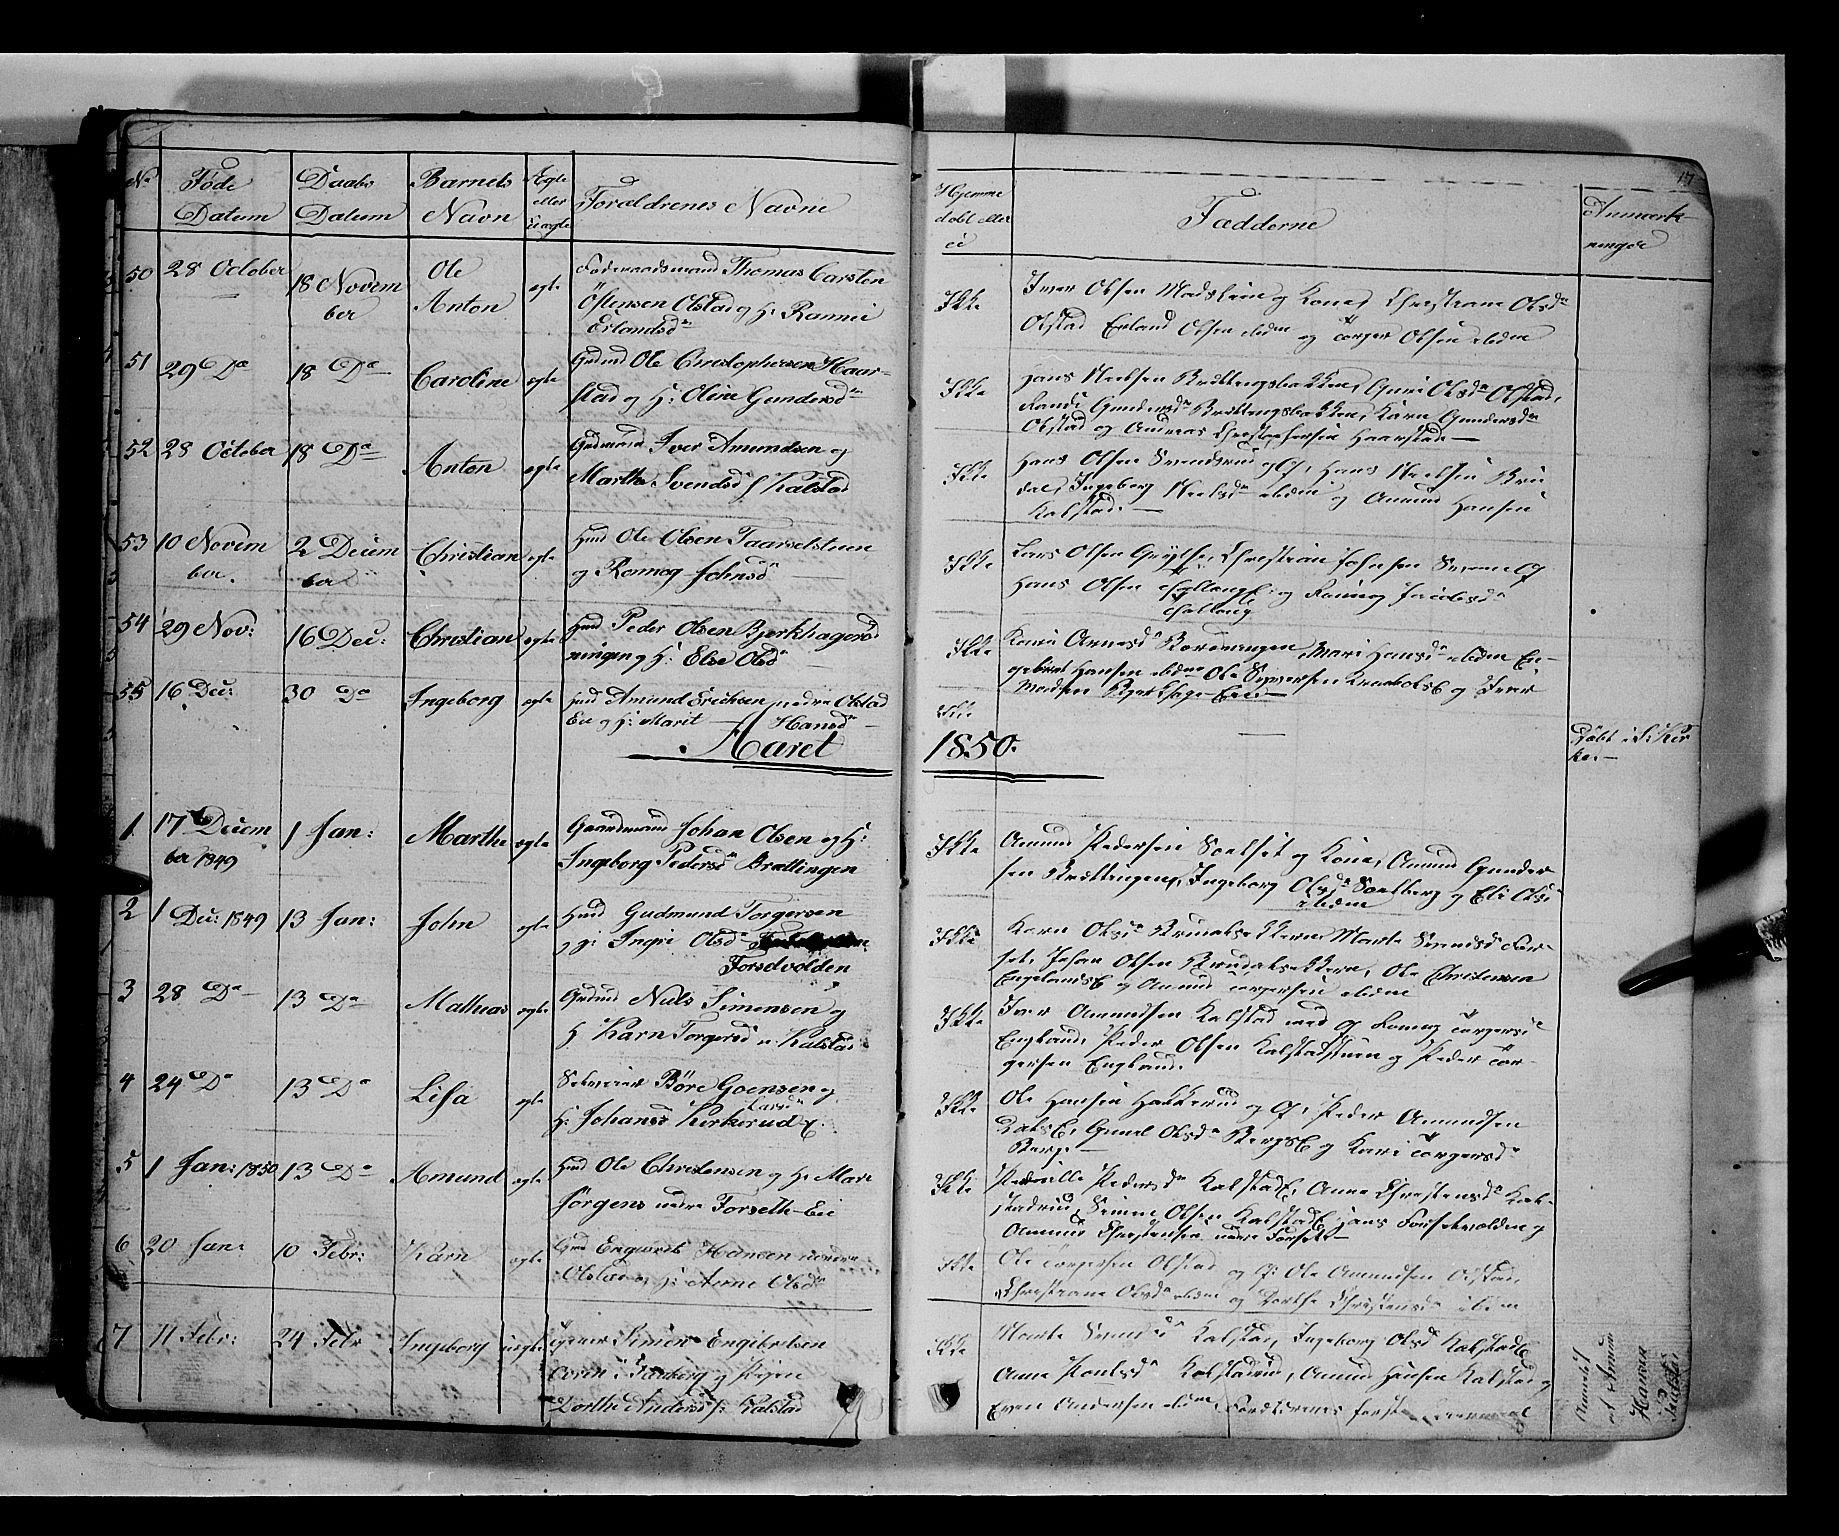 SAH, Gausdal prestekontor, Klokkerbok nr. 5, 1846-1867, s. 17